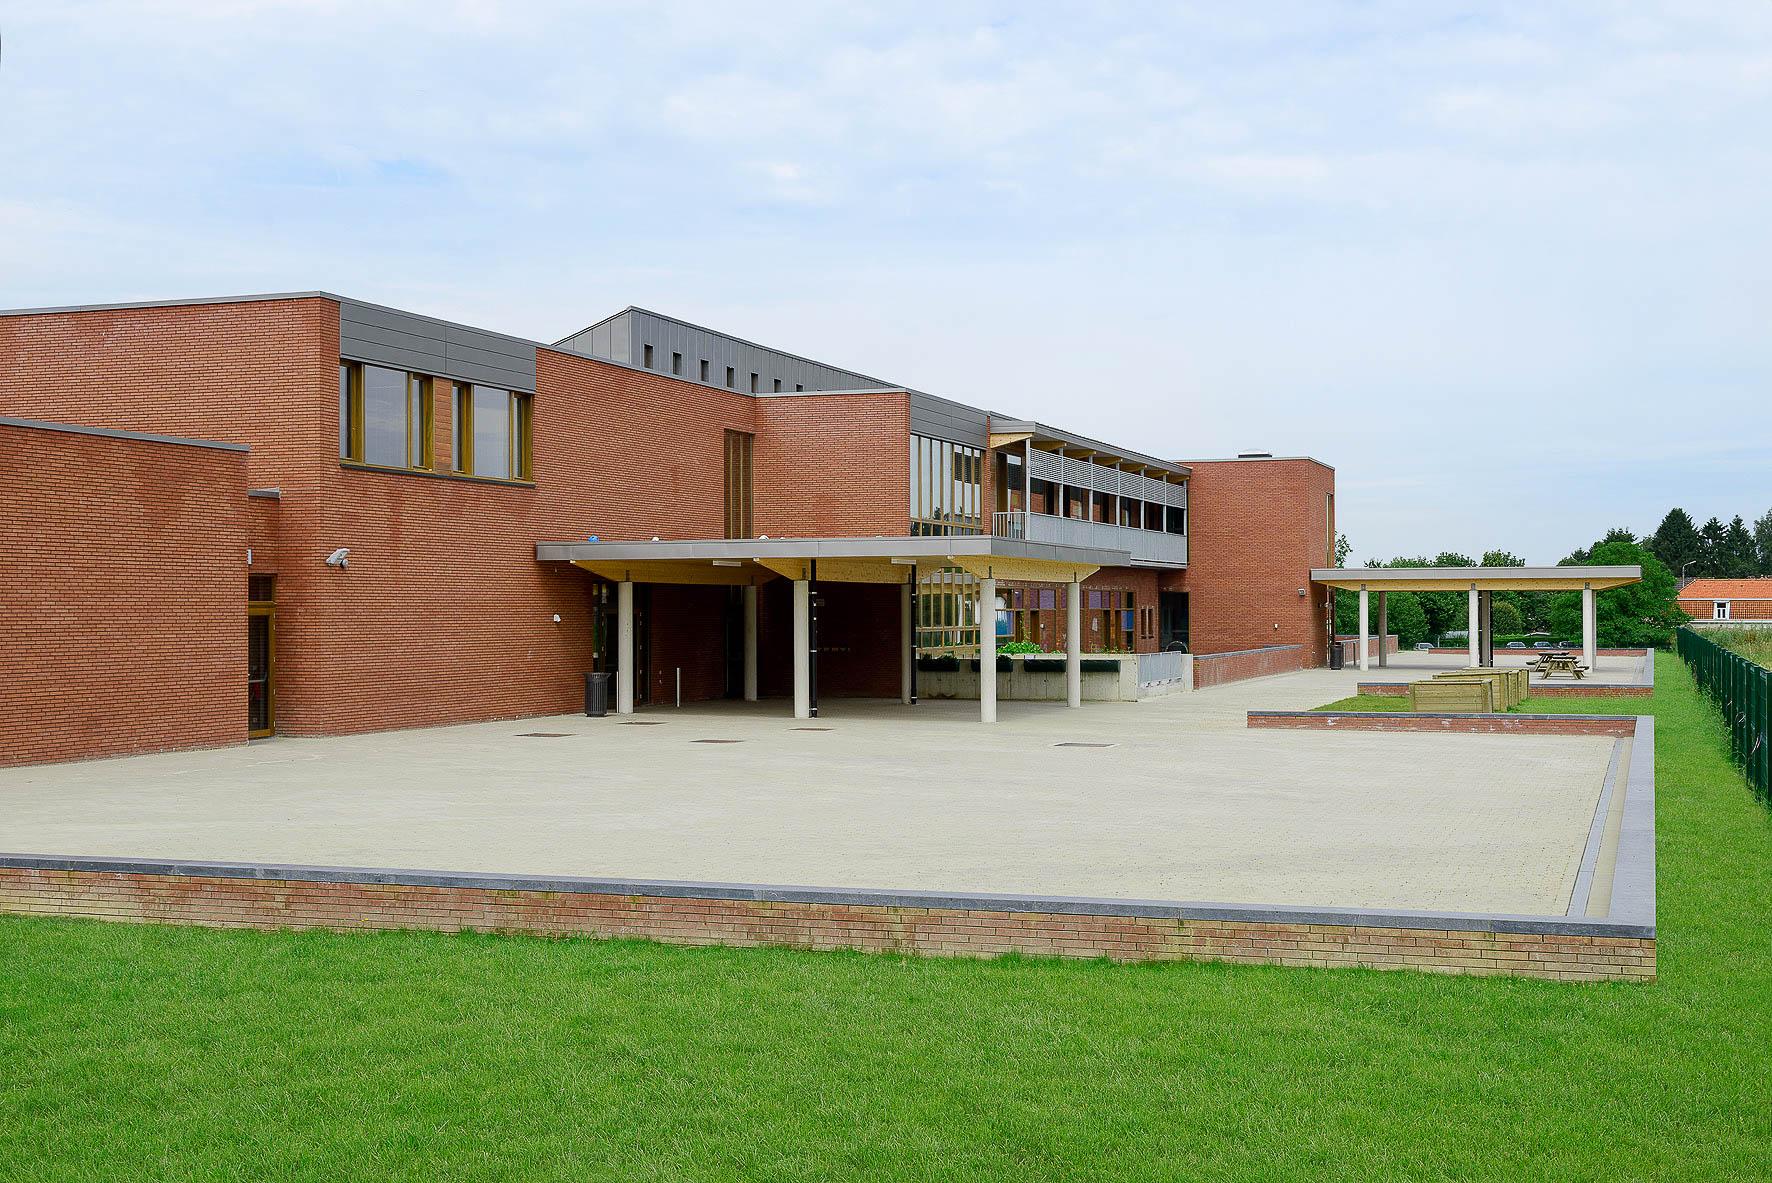 Bureau architecture genval: bureau greisch École maternelle et